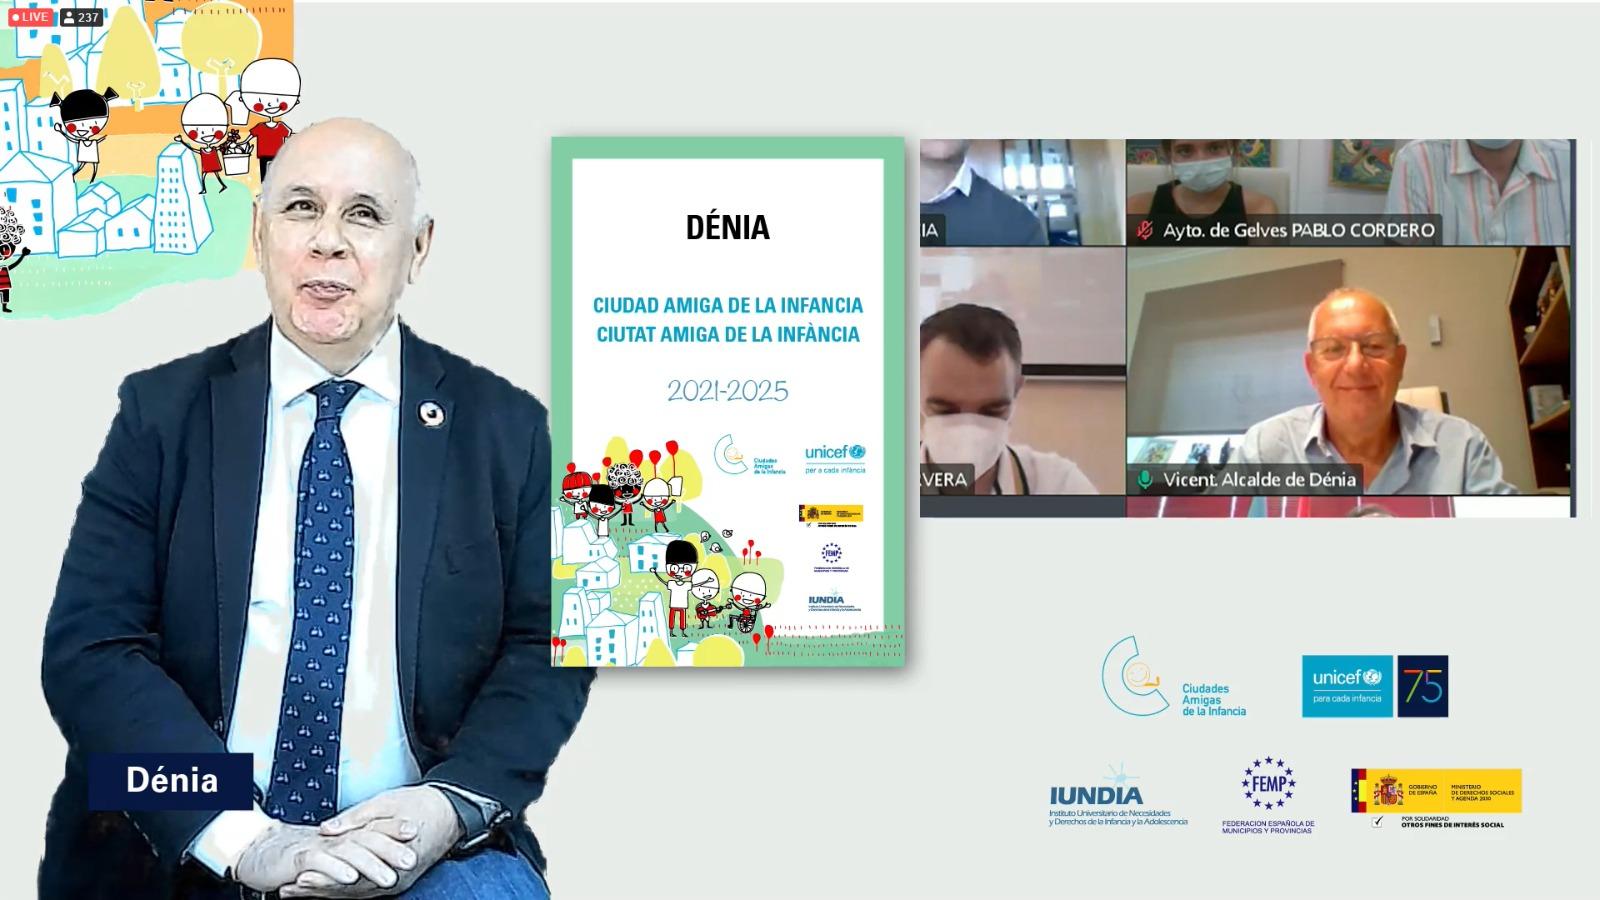 Acte virtual de lliurament a Dénia del reconeixement com a Ciutat Amiga de la Infància